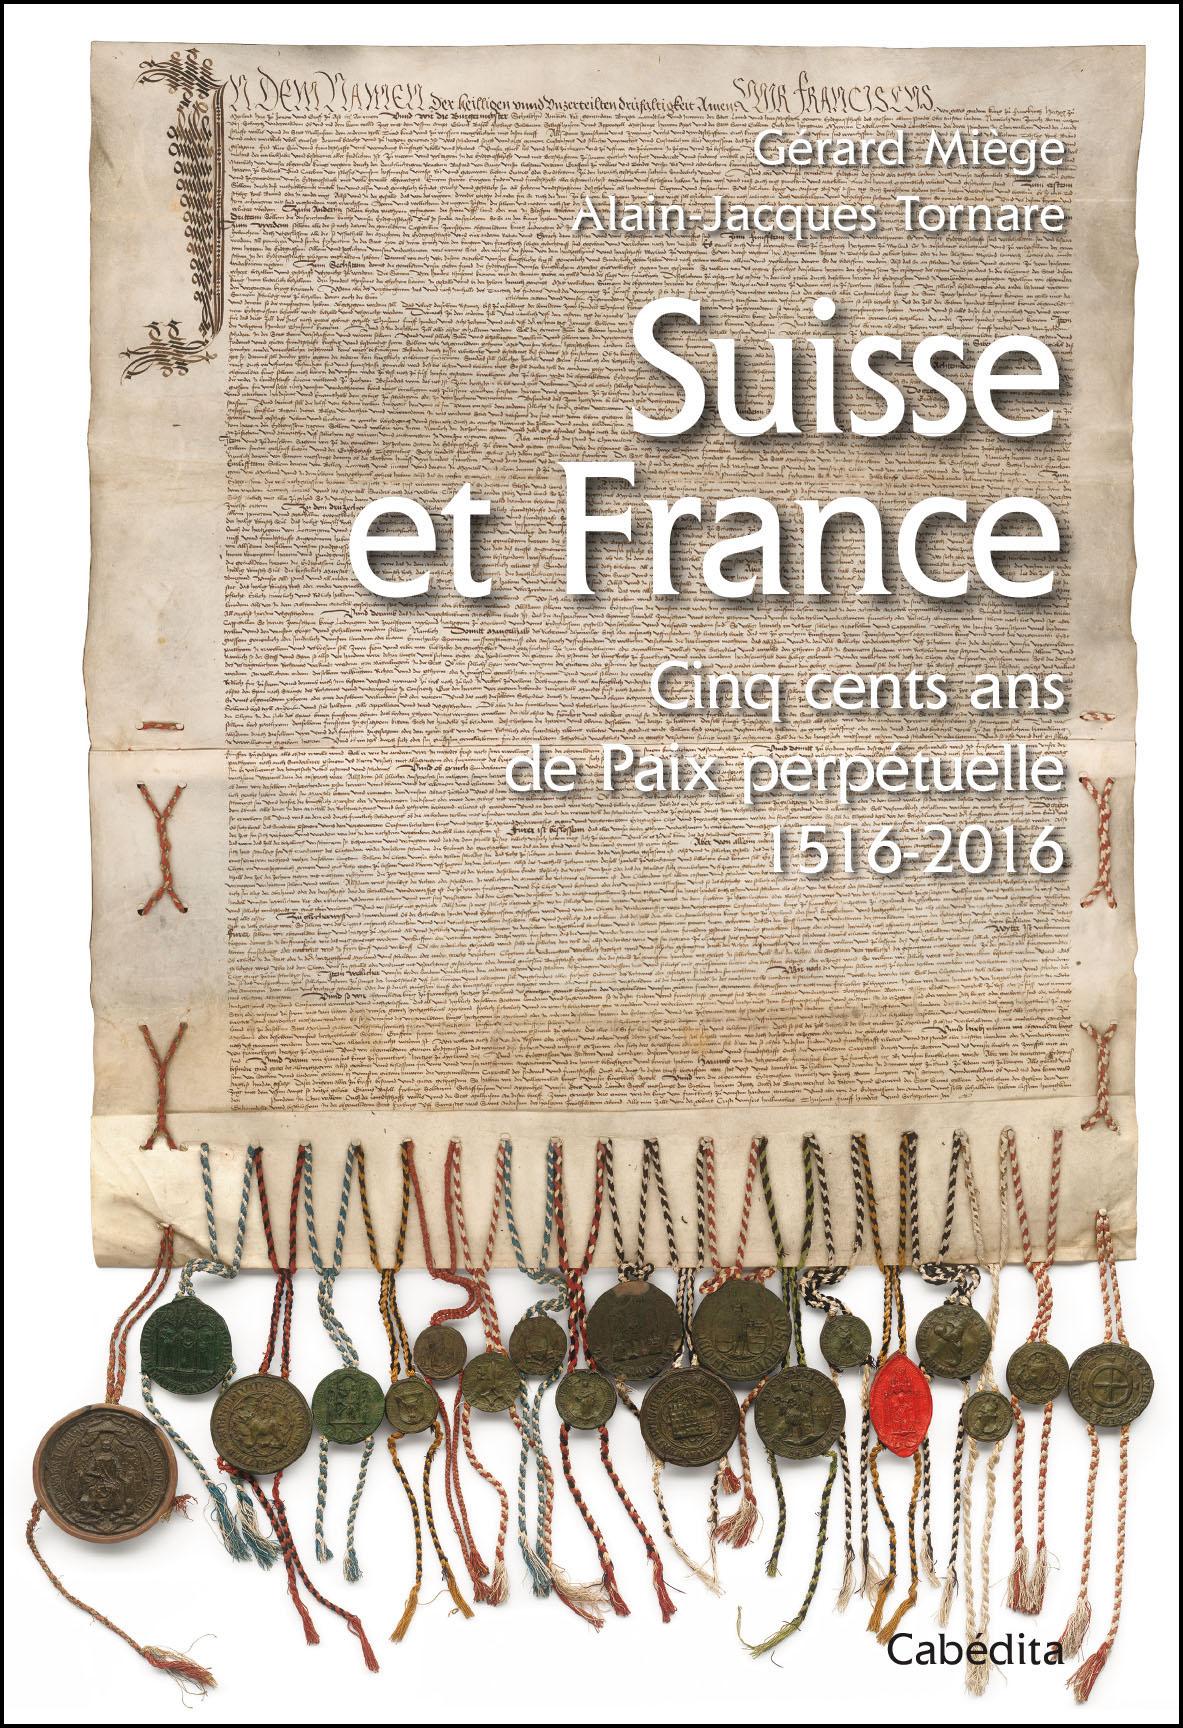 Suisse et france 500 ans de paix perpetuelle